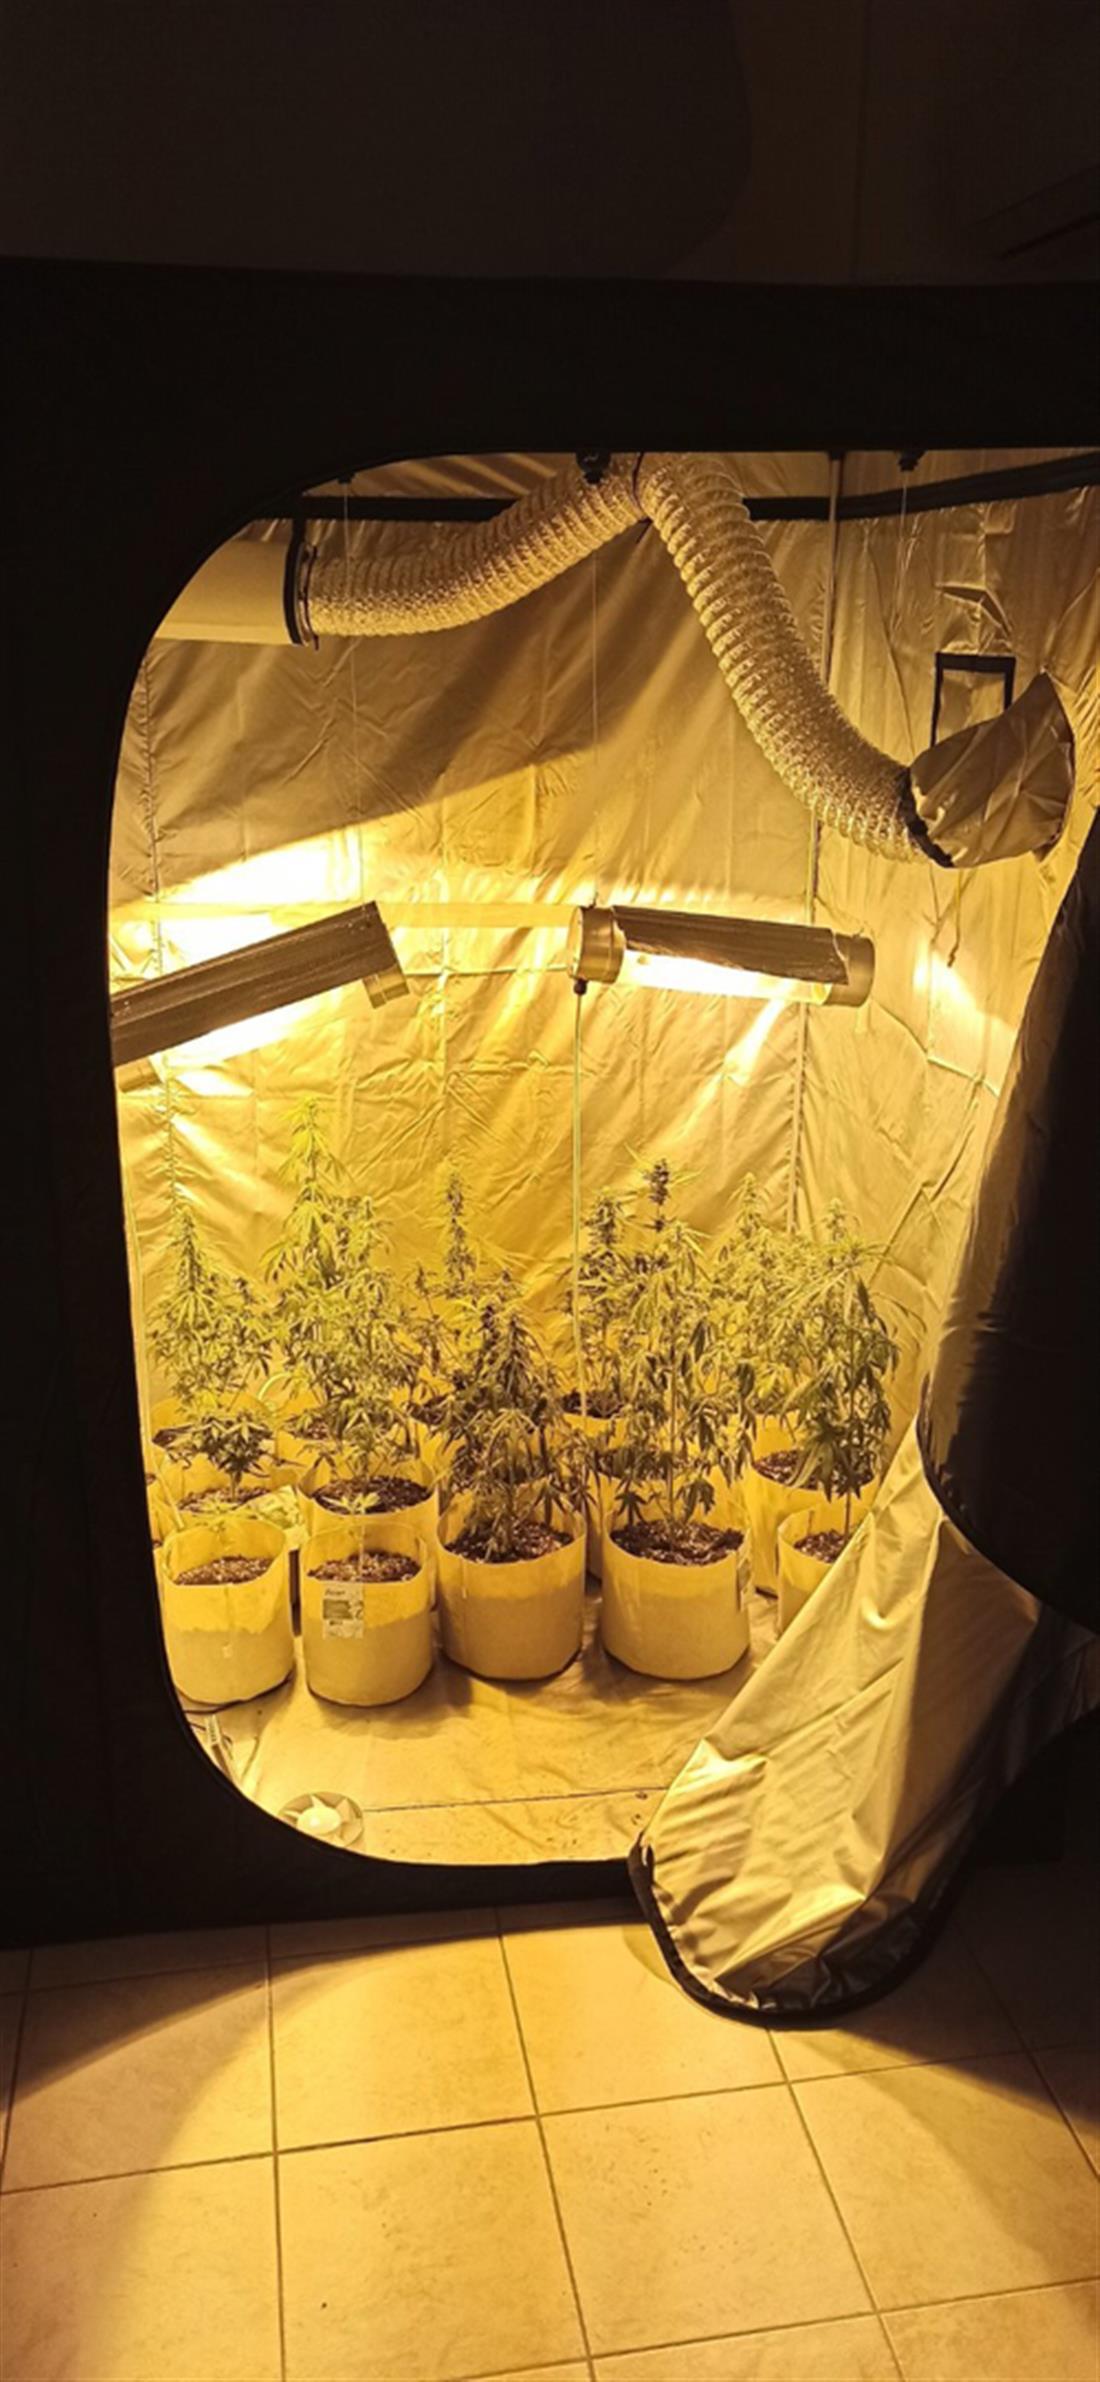 Σέρρες - διαμέρισμα  καλλιέργεια κάνναβης